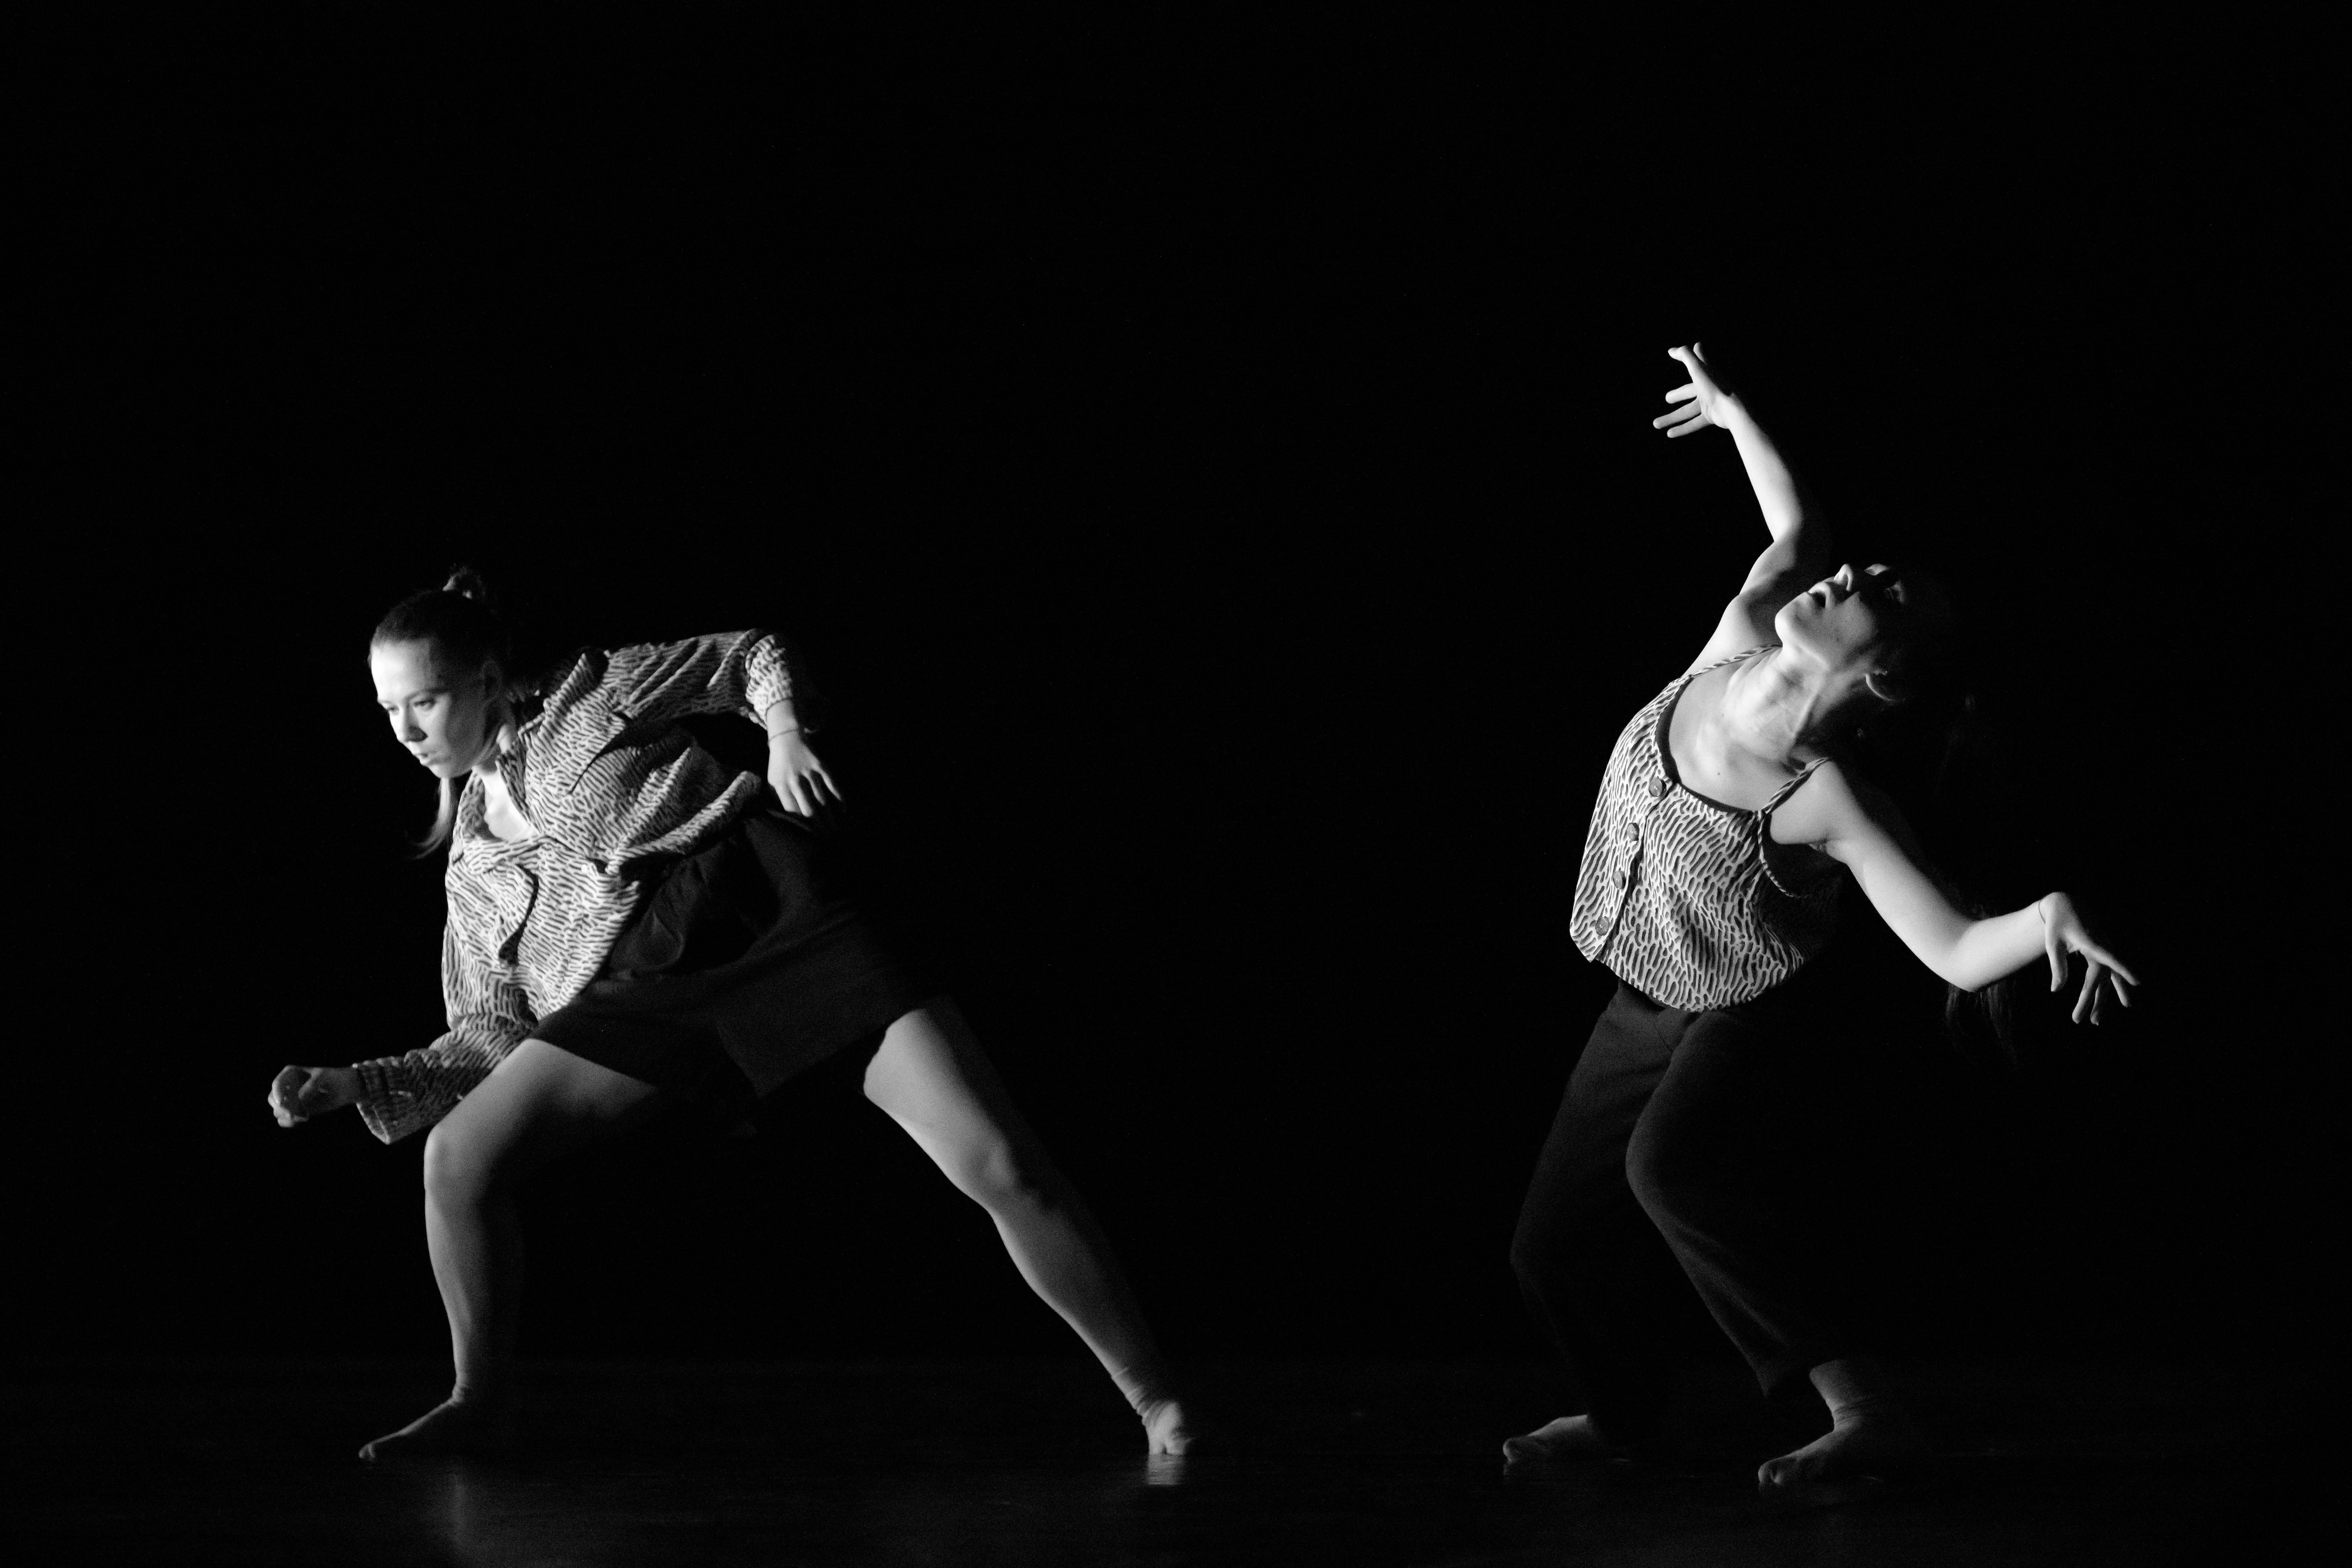 191009_context_ycc_rehearsal_by Natalia